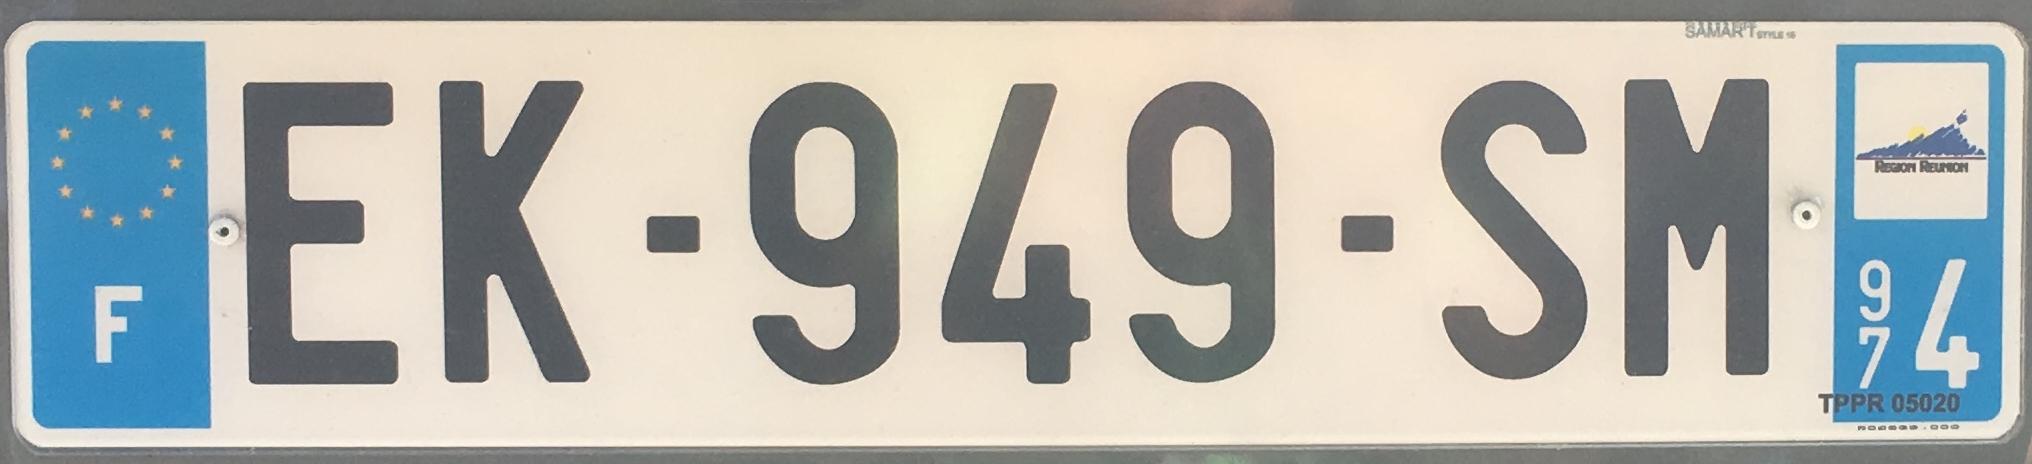 Francouzská registrační značka – 974* - La Réunion, foto: www.podalnici.cz